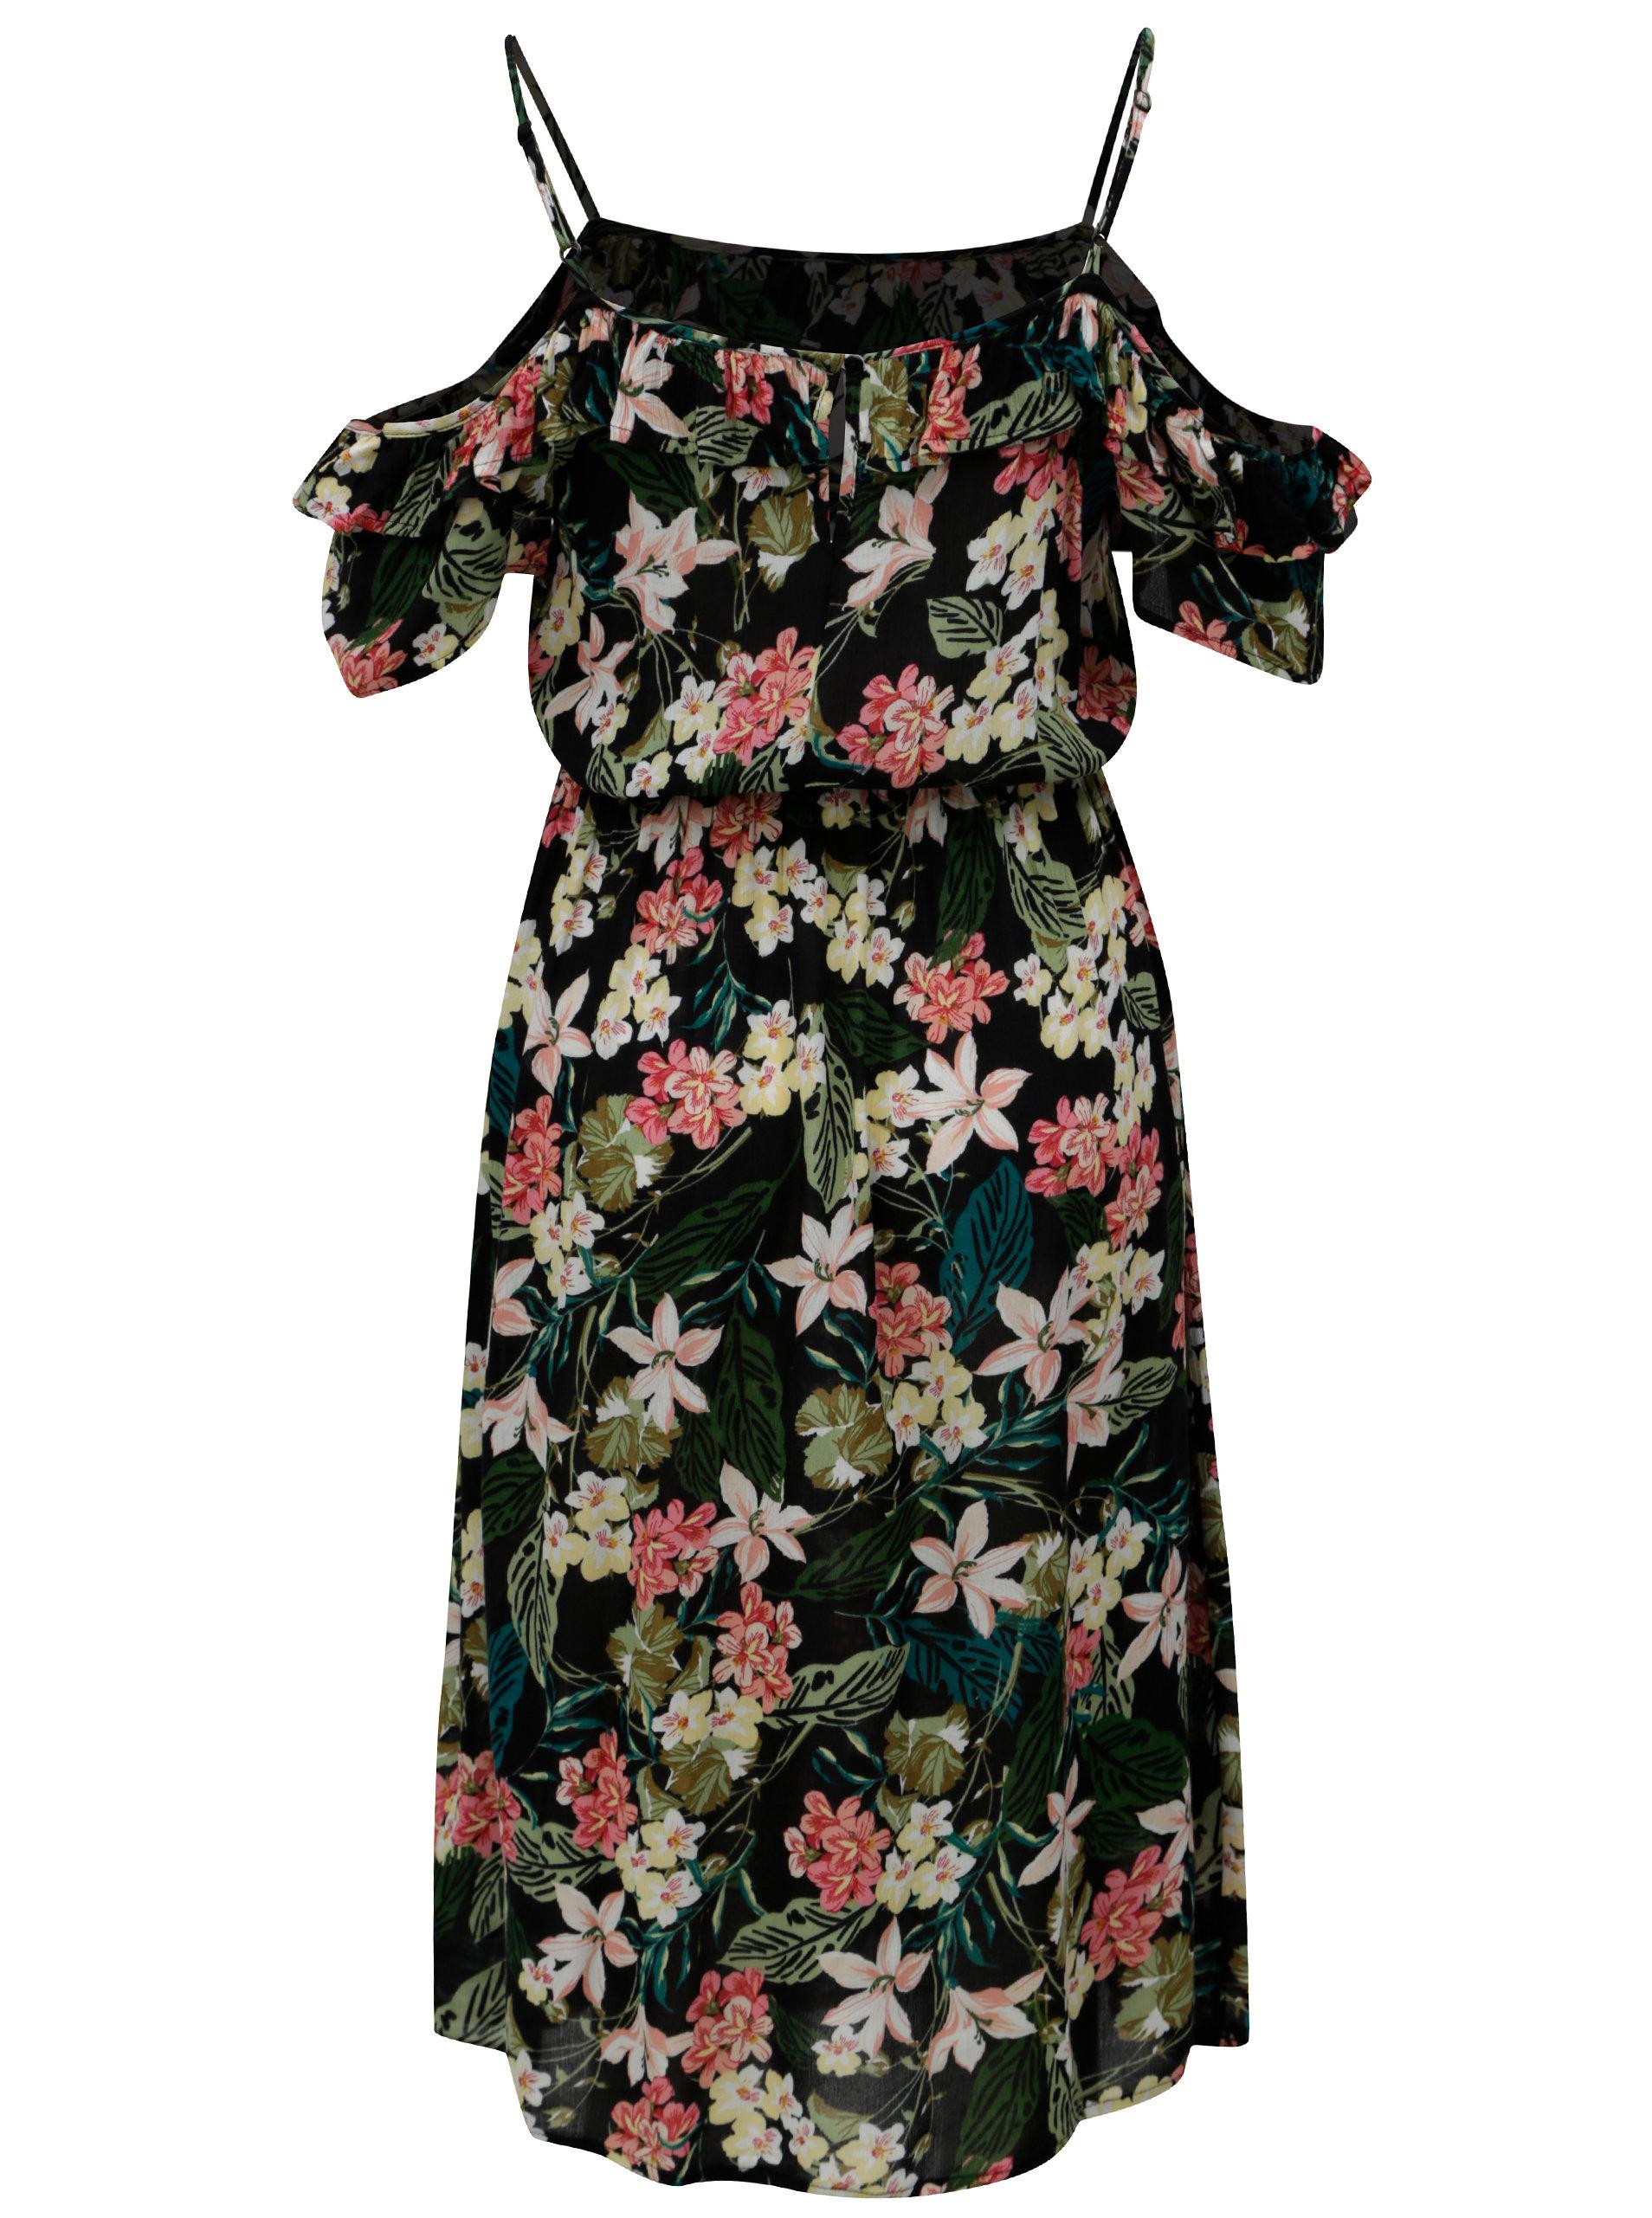 Čierne kvetované šaty s odhalenými ramenami Dorothy Perkins ... 26be3321392